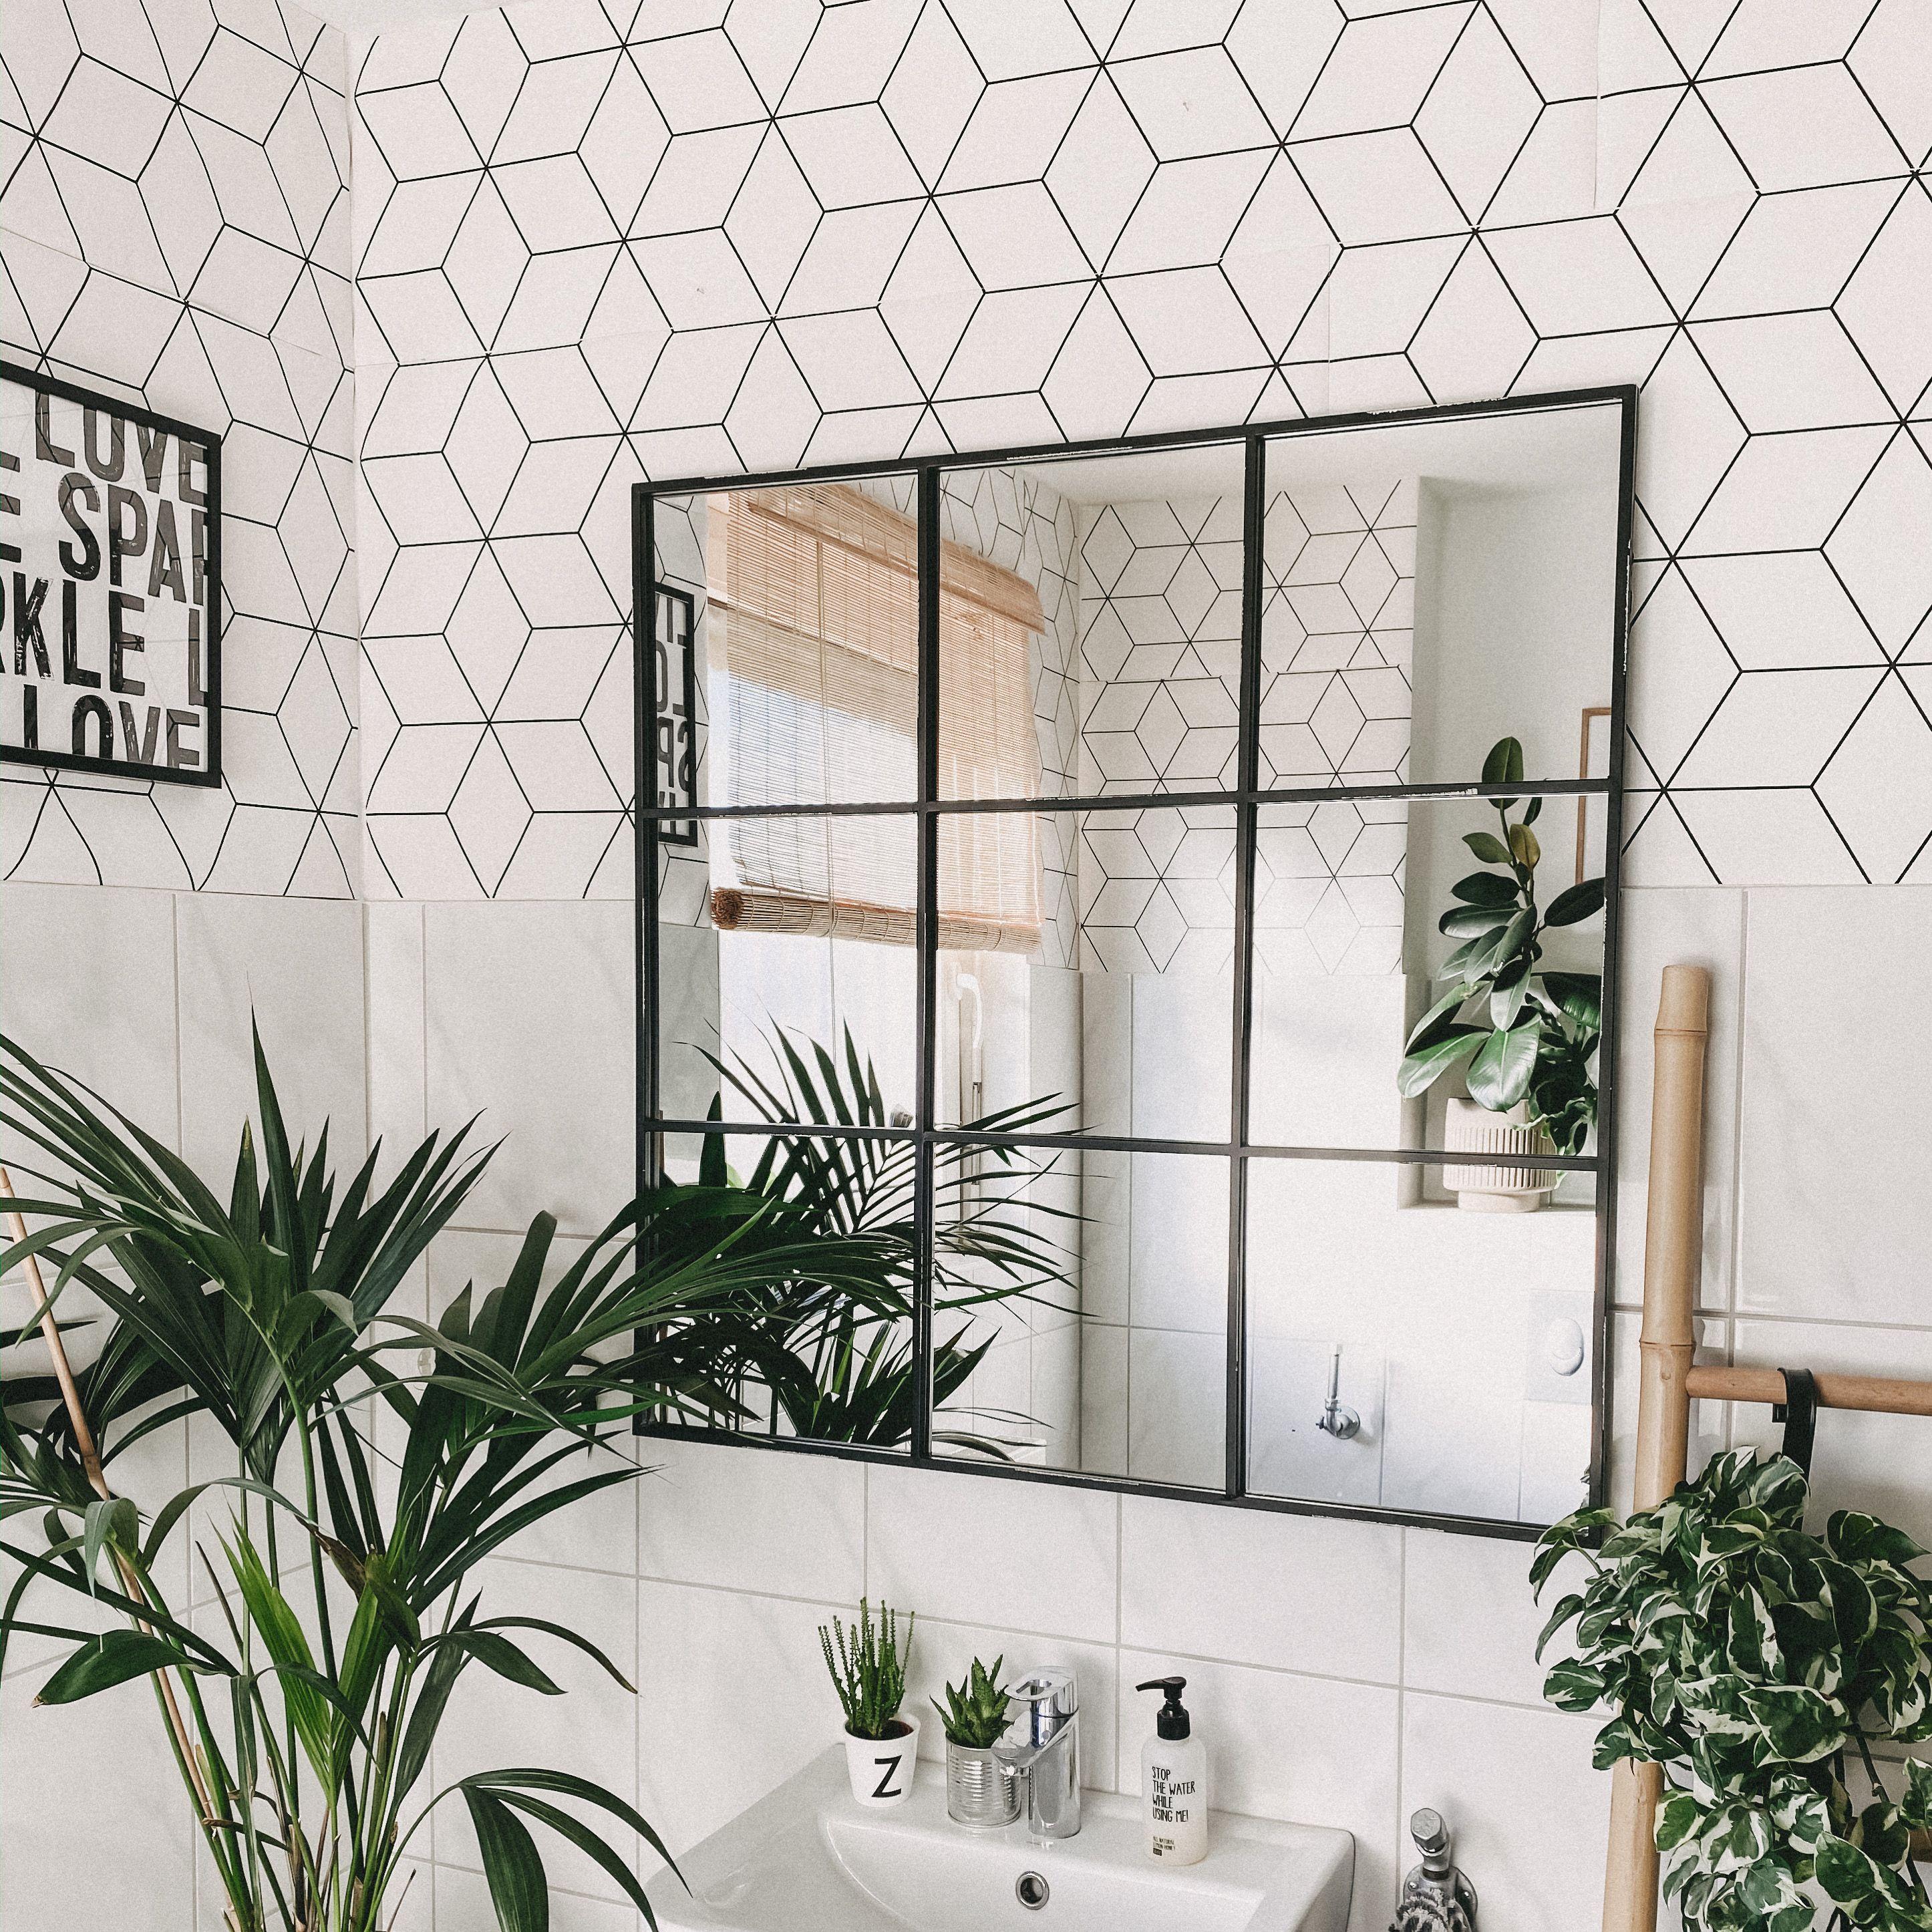 Badezimmer Spiegel Industrial Look In 2020 Mirror Interior Mirror Industrial Mirrors